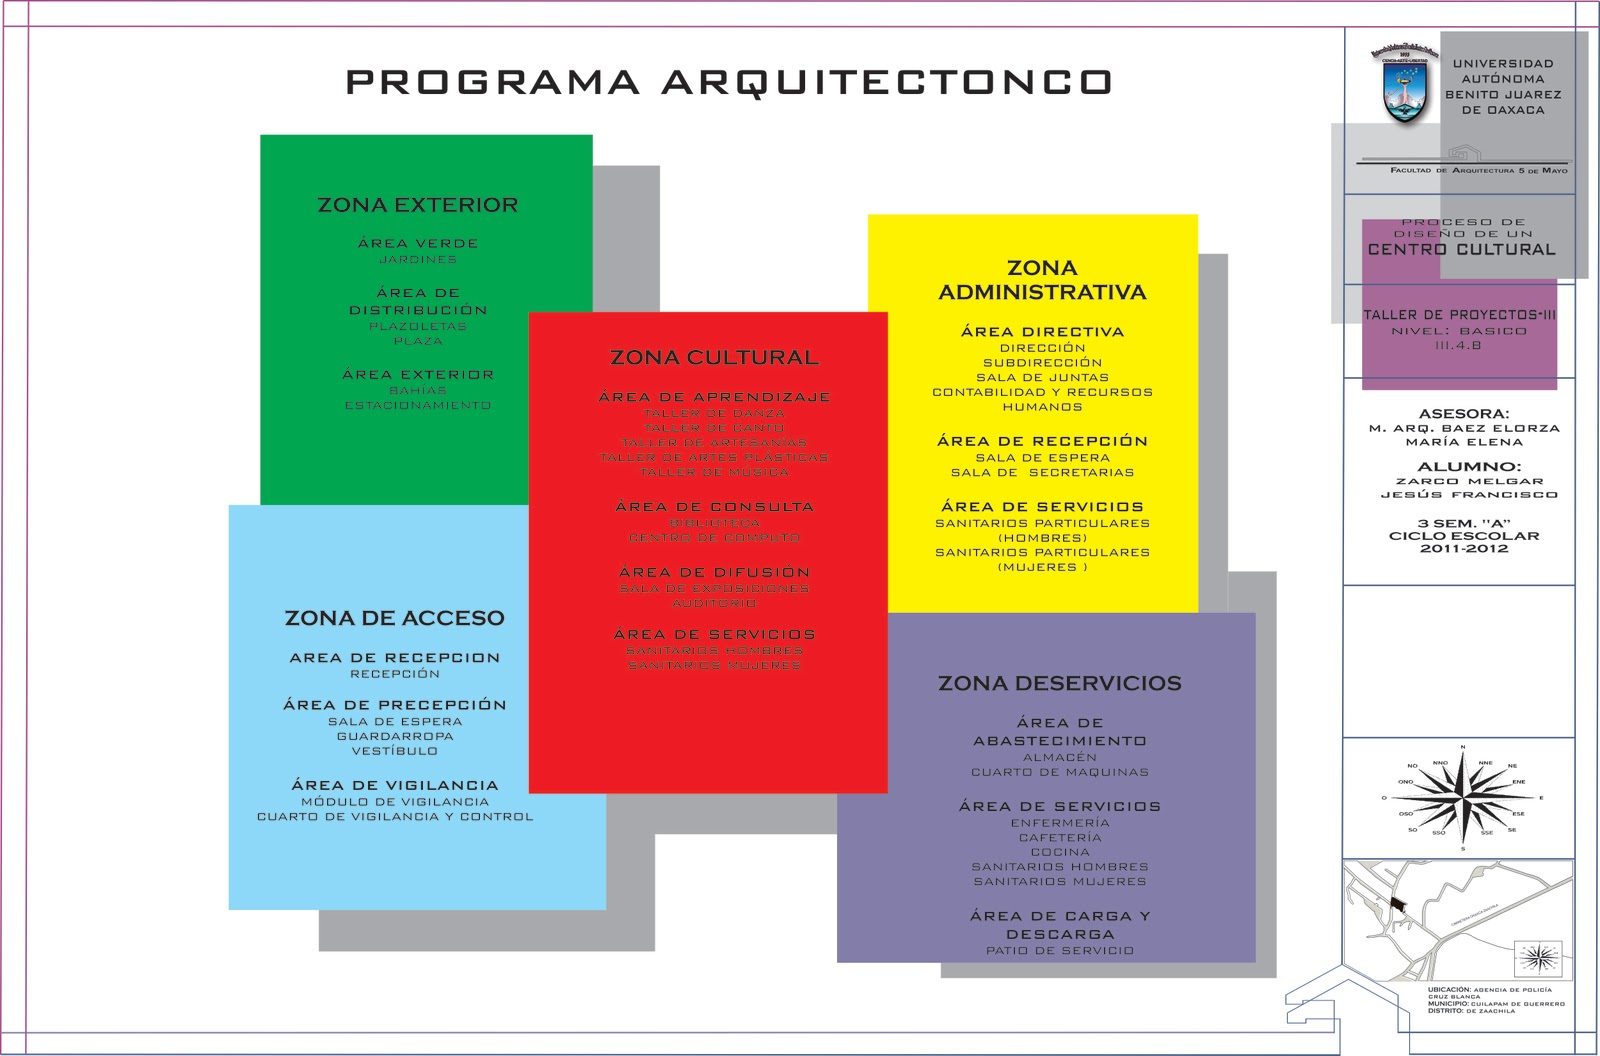 Proceso de dise o arquitectonico de centro cultural for Programa de necesidades arquitectura